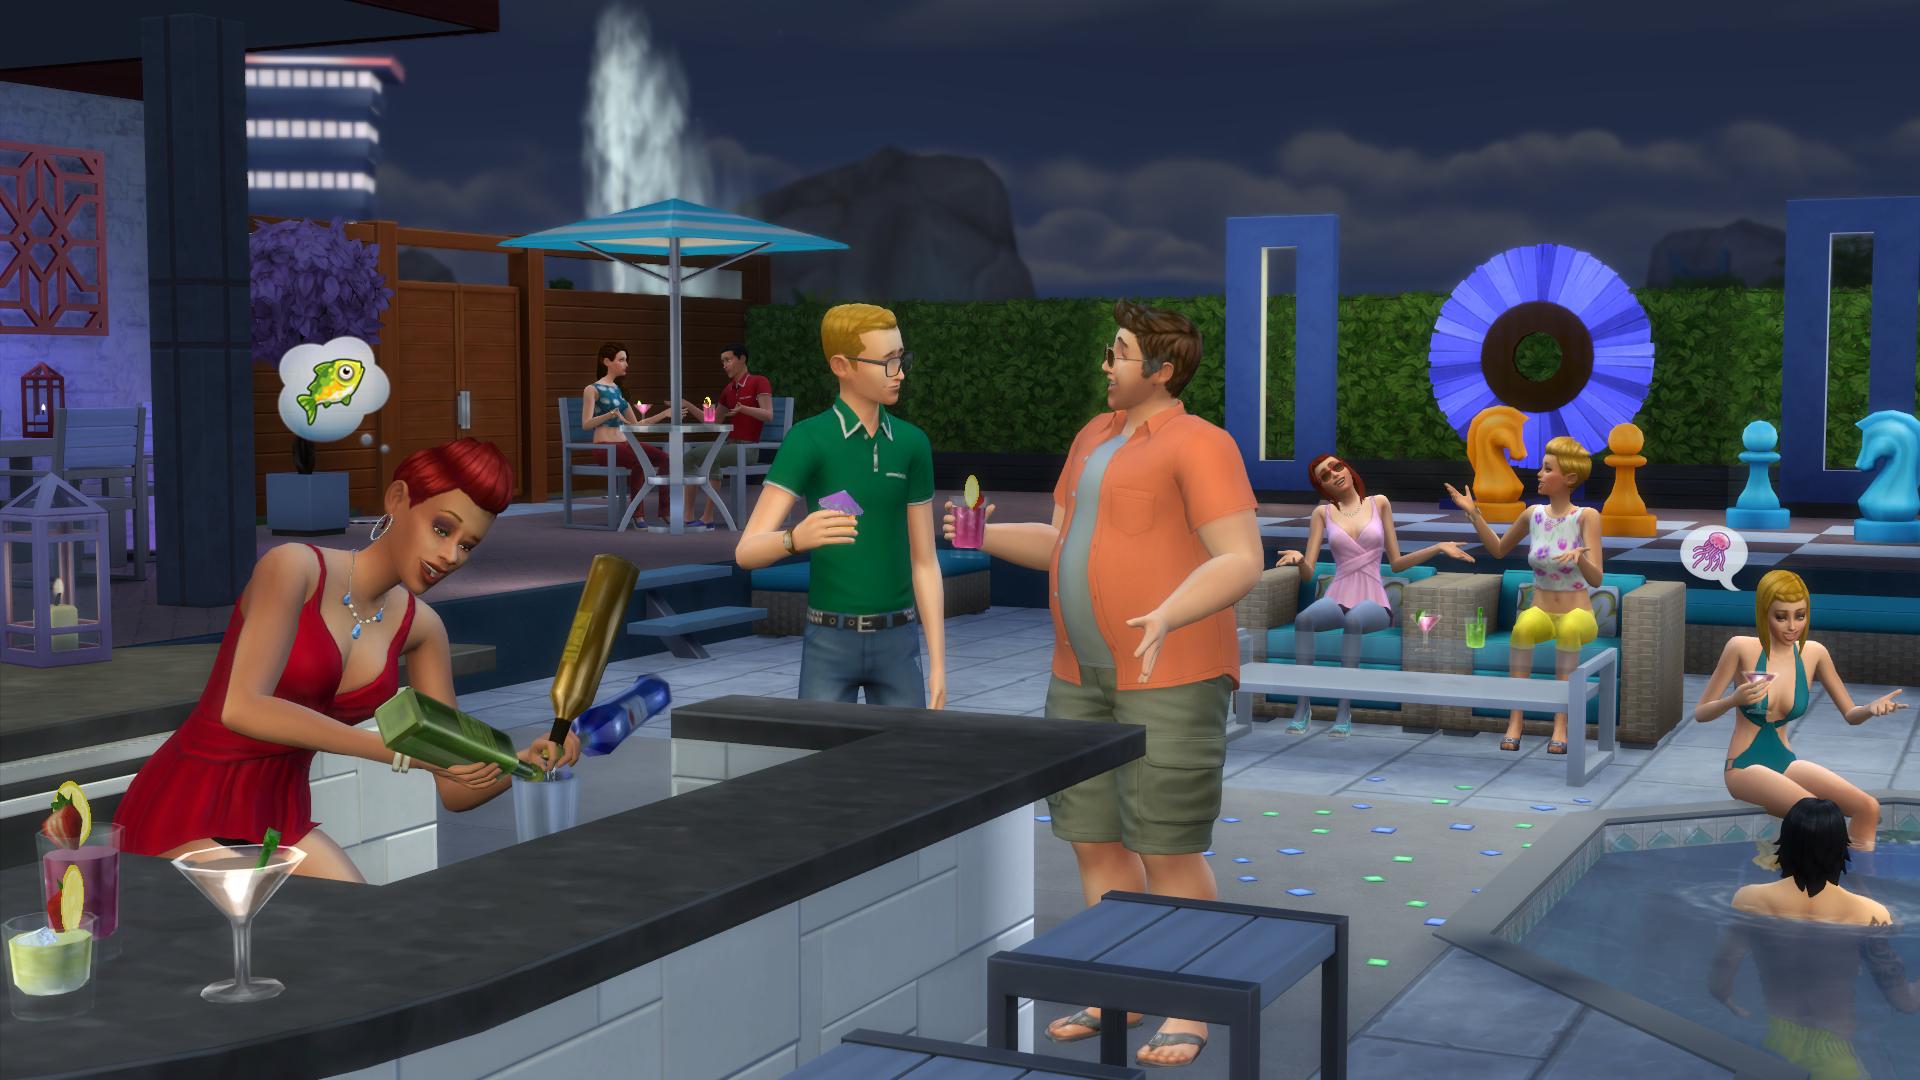 Игры sims 3 читы, скачать симс 4 онлайн бесплатно без торрента, симс 3 сумерки онлайн, sims 4 малыши скачать